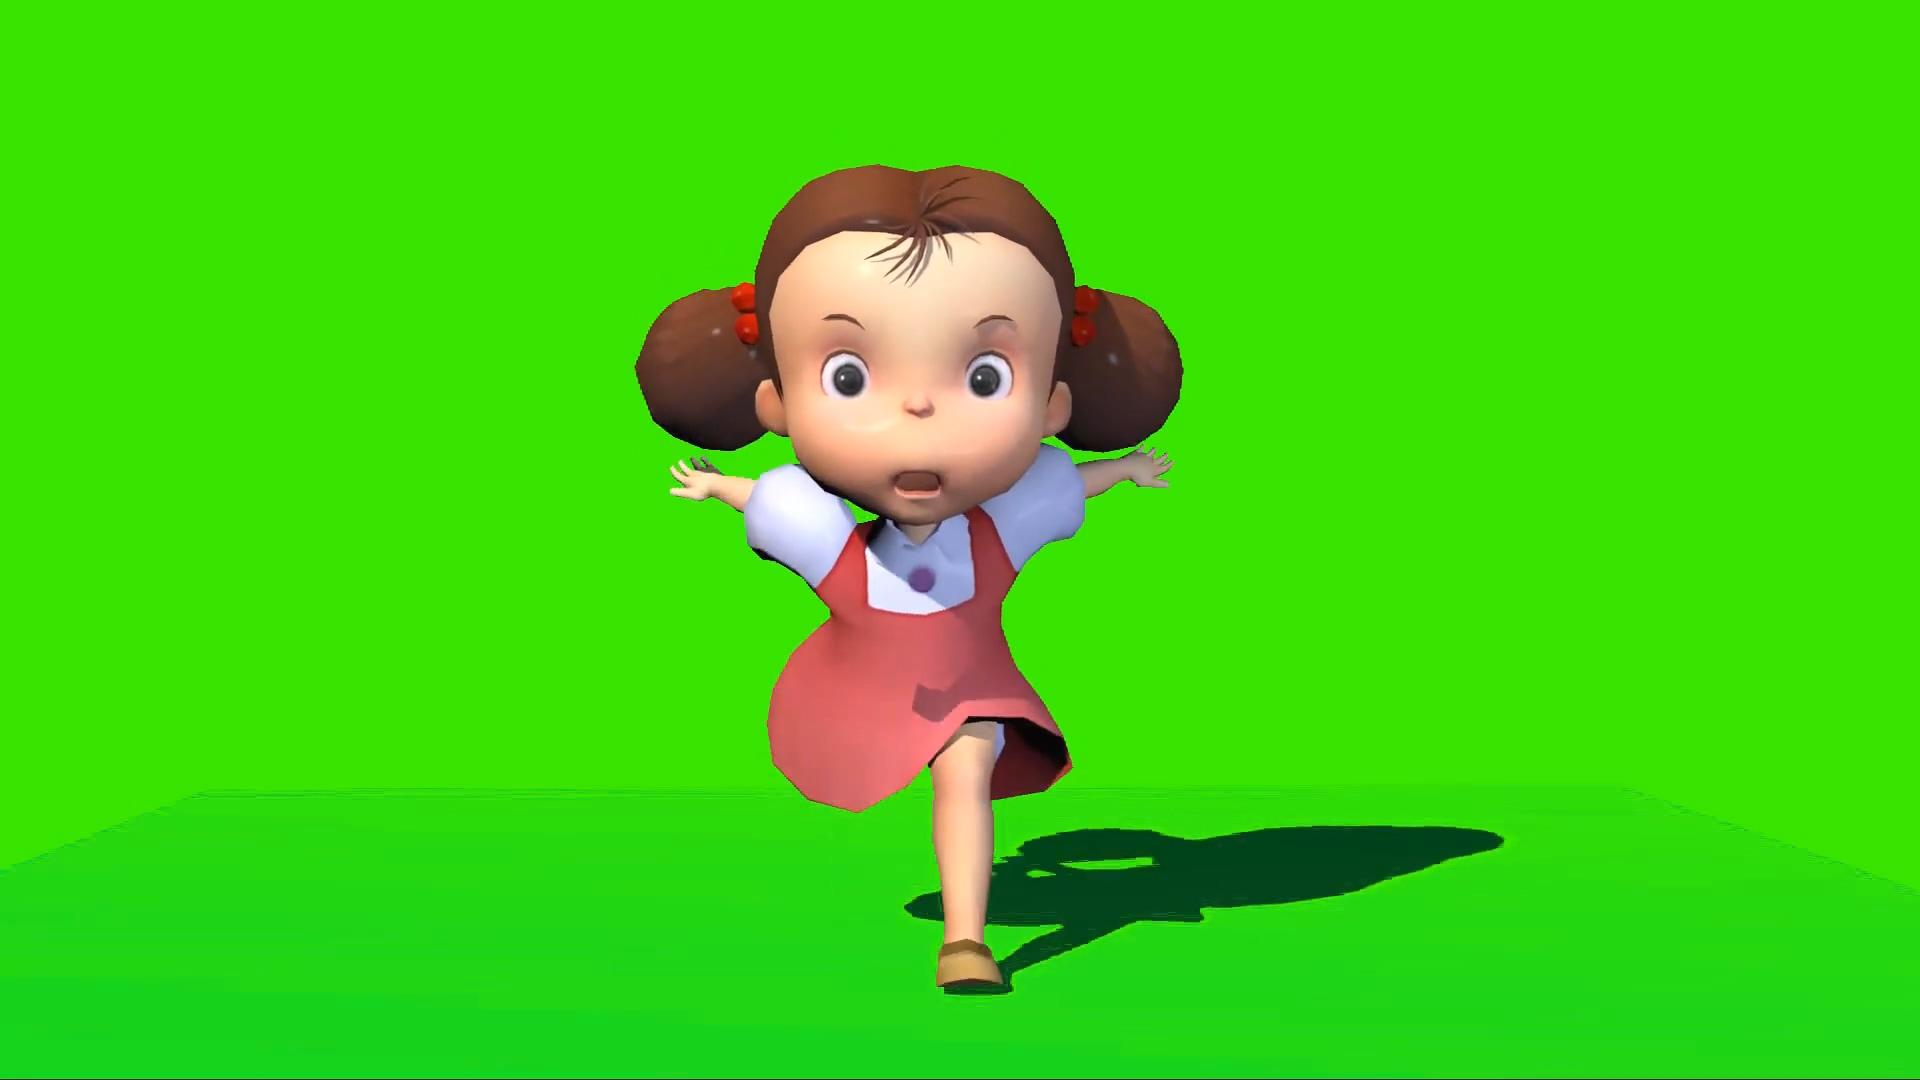 绿屏抠像奔跑的小女孩